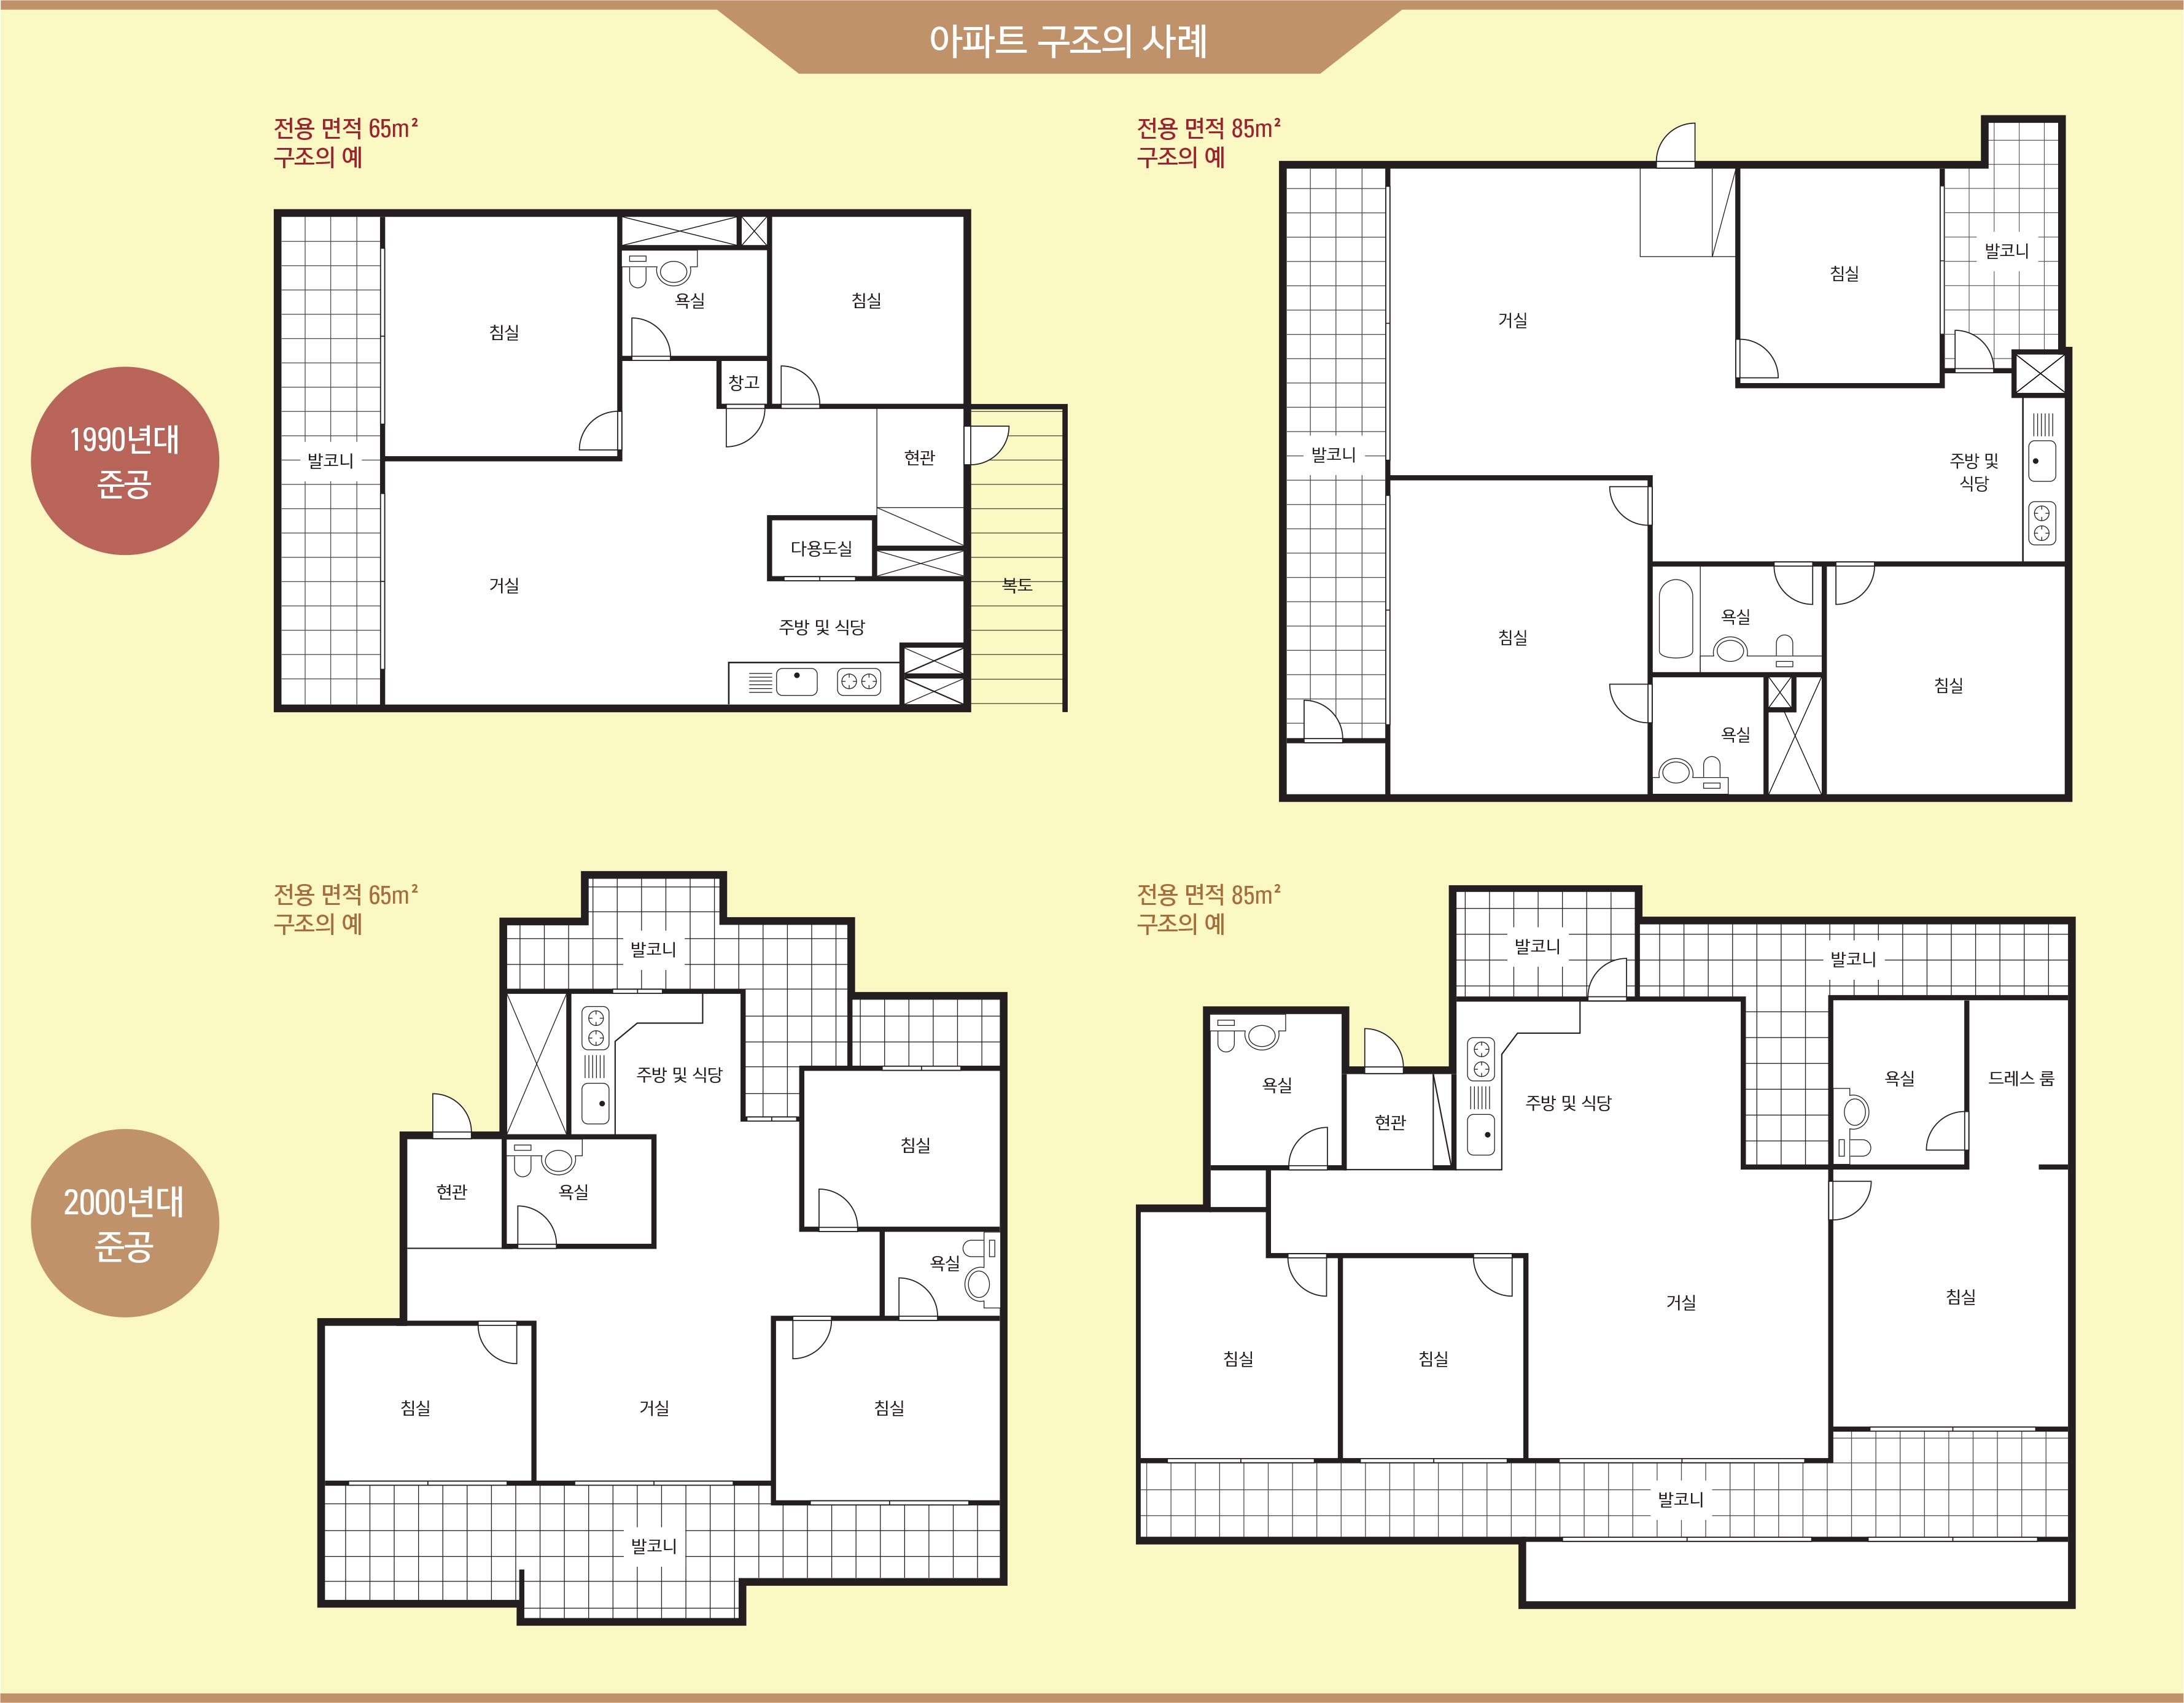 아파트 구조의 사례